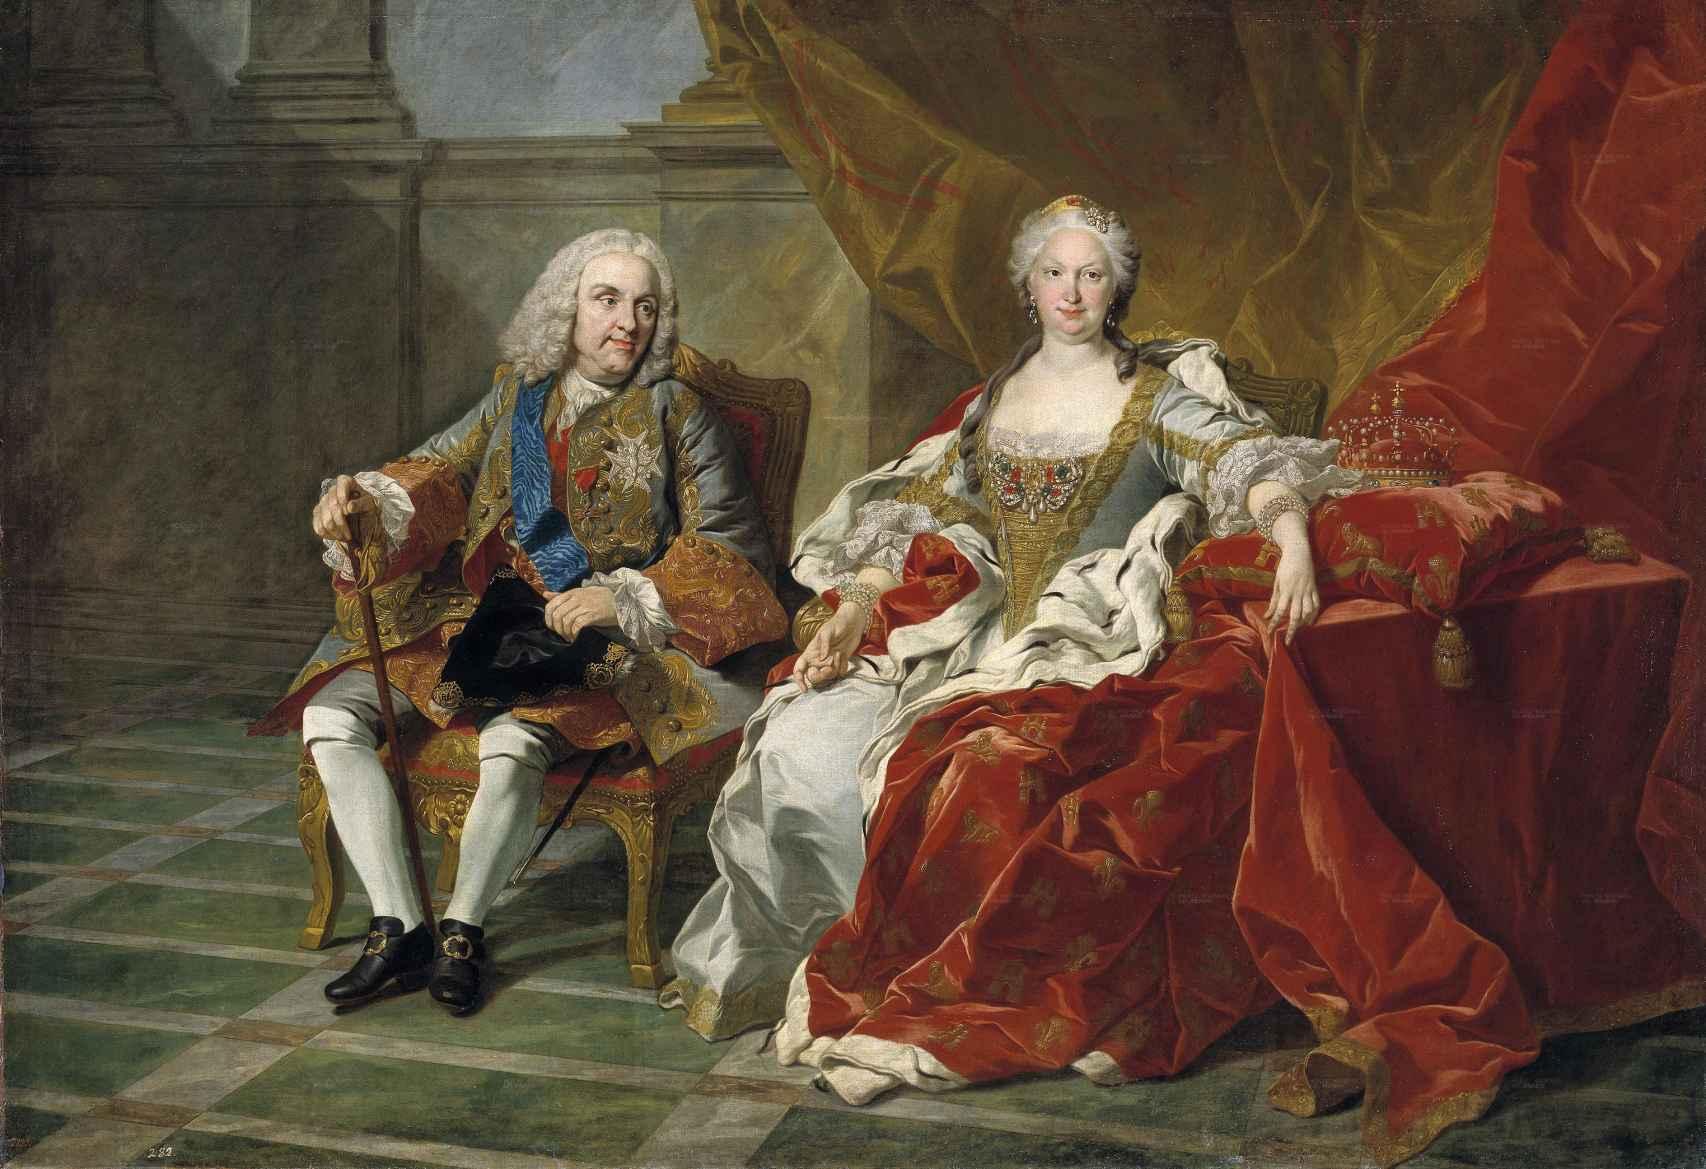 Retrato de Felipe V e Isabel de Farnesio, por Louis-Michel van Loo (c. 1743).